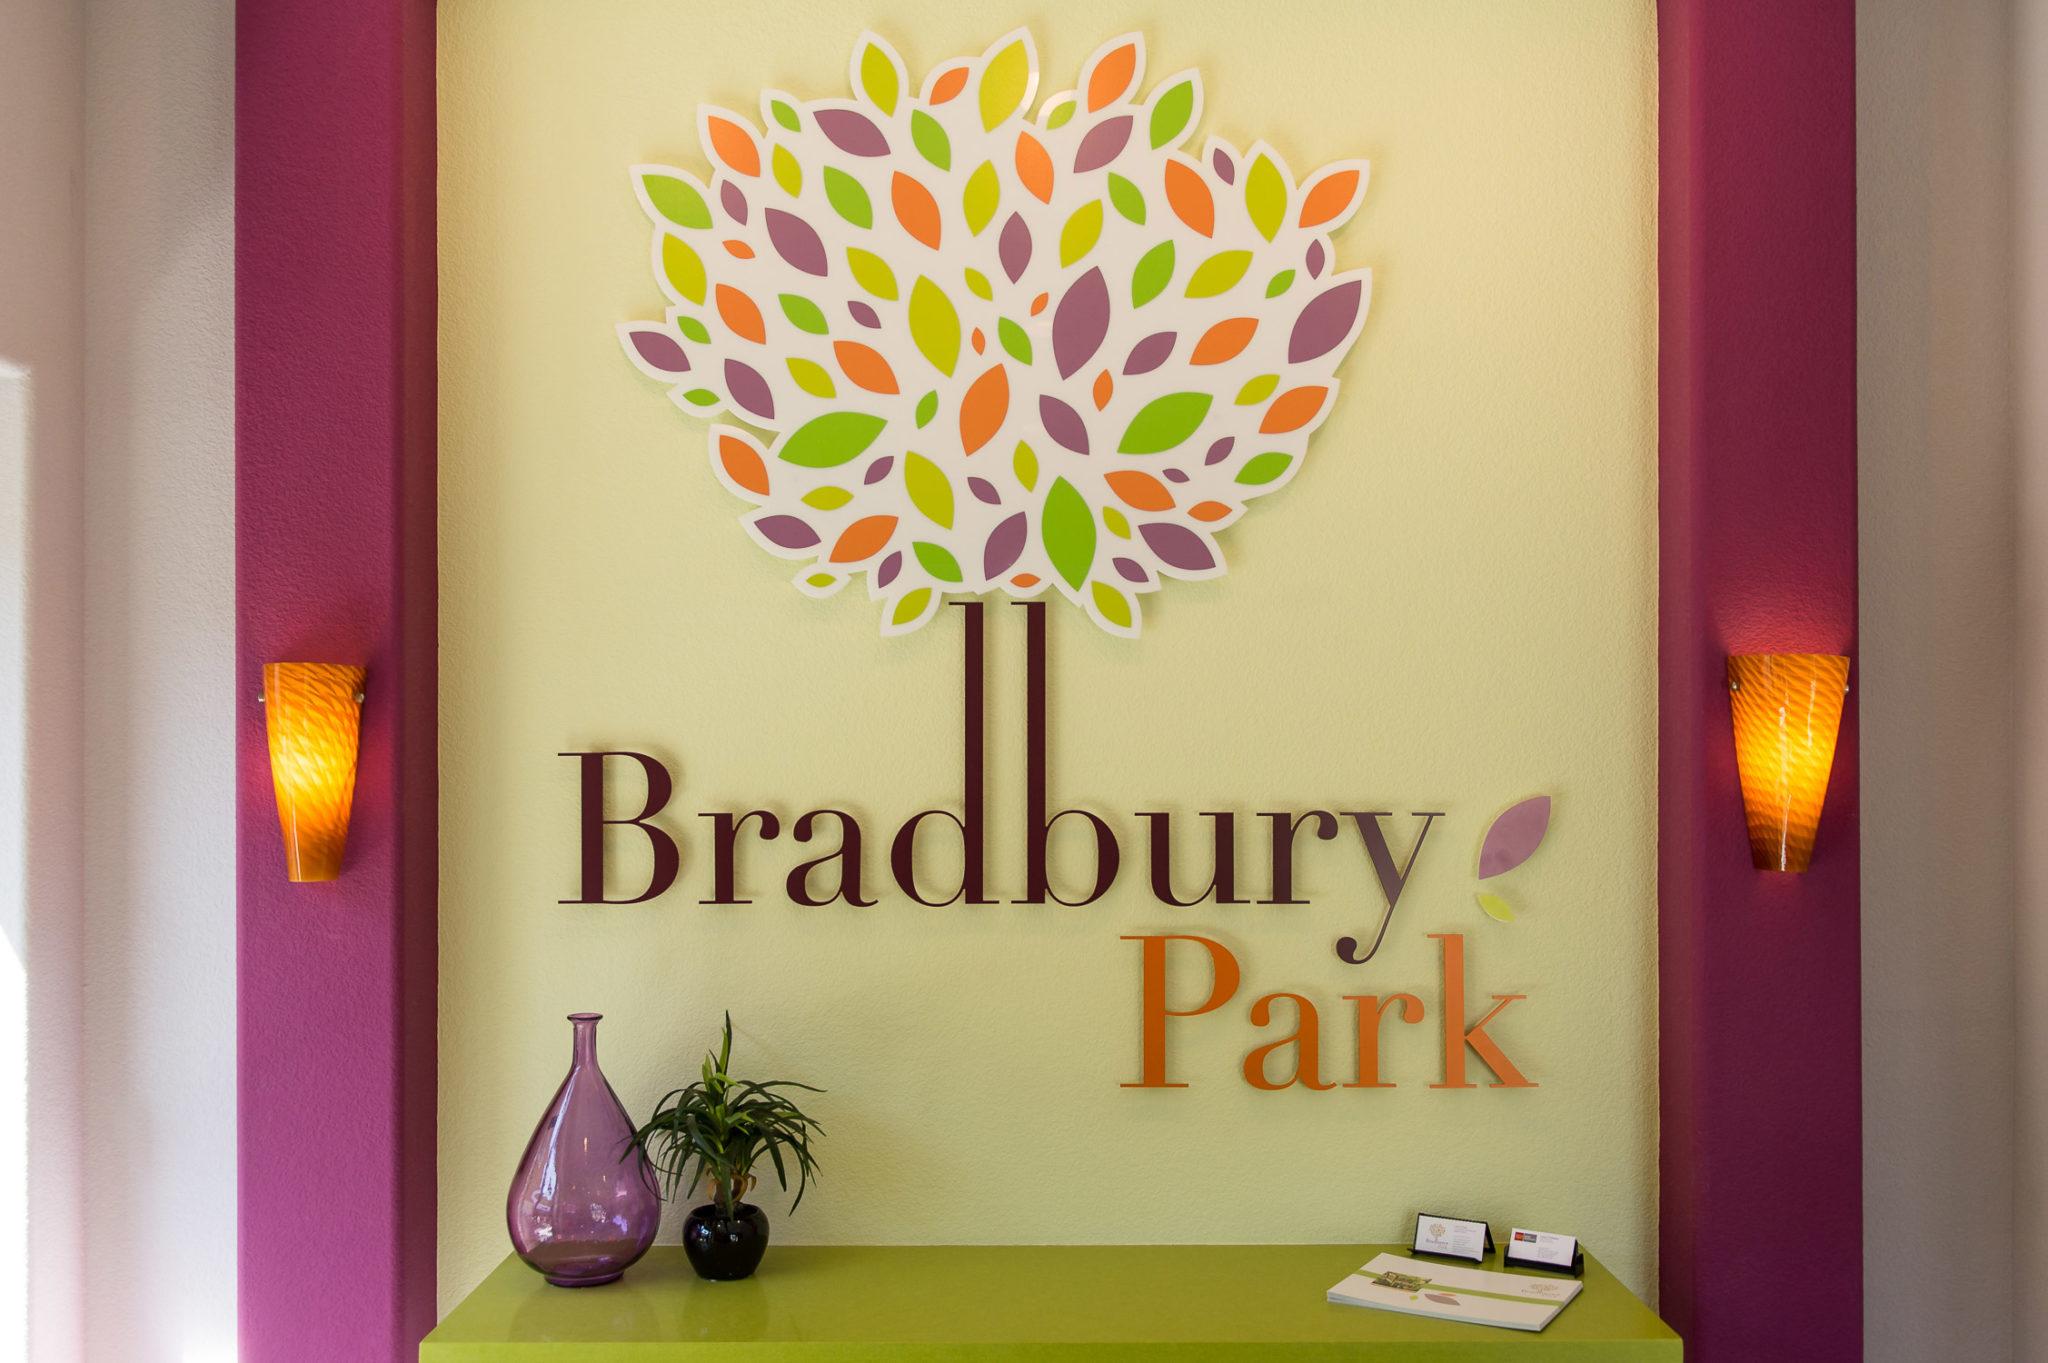 Bradbury Park Office Wall Lettering